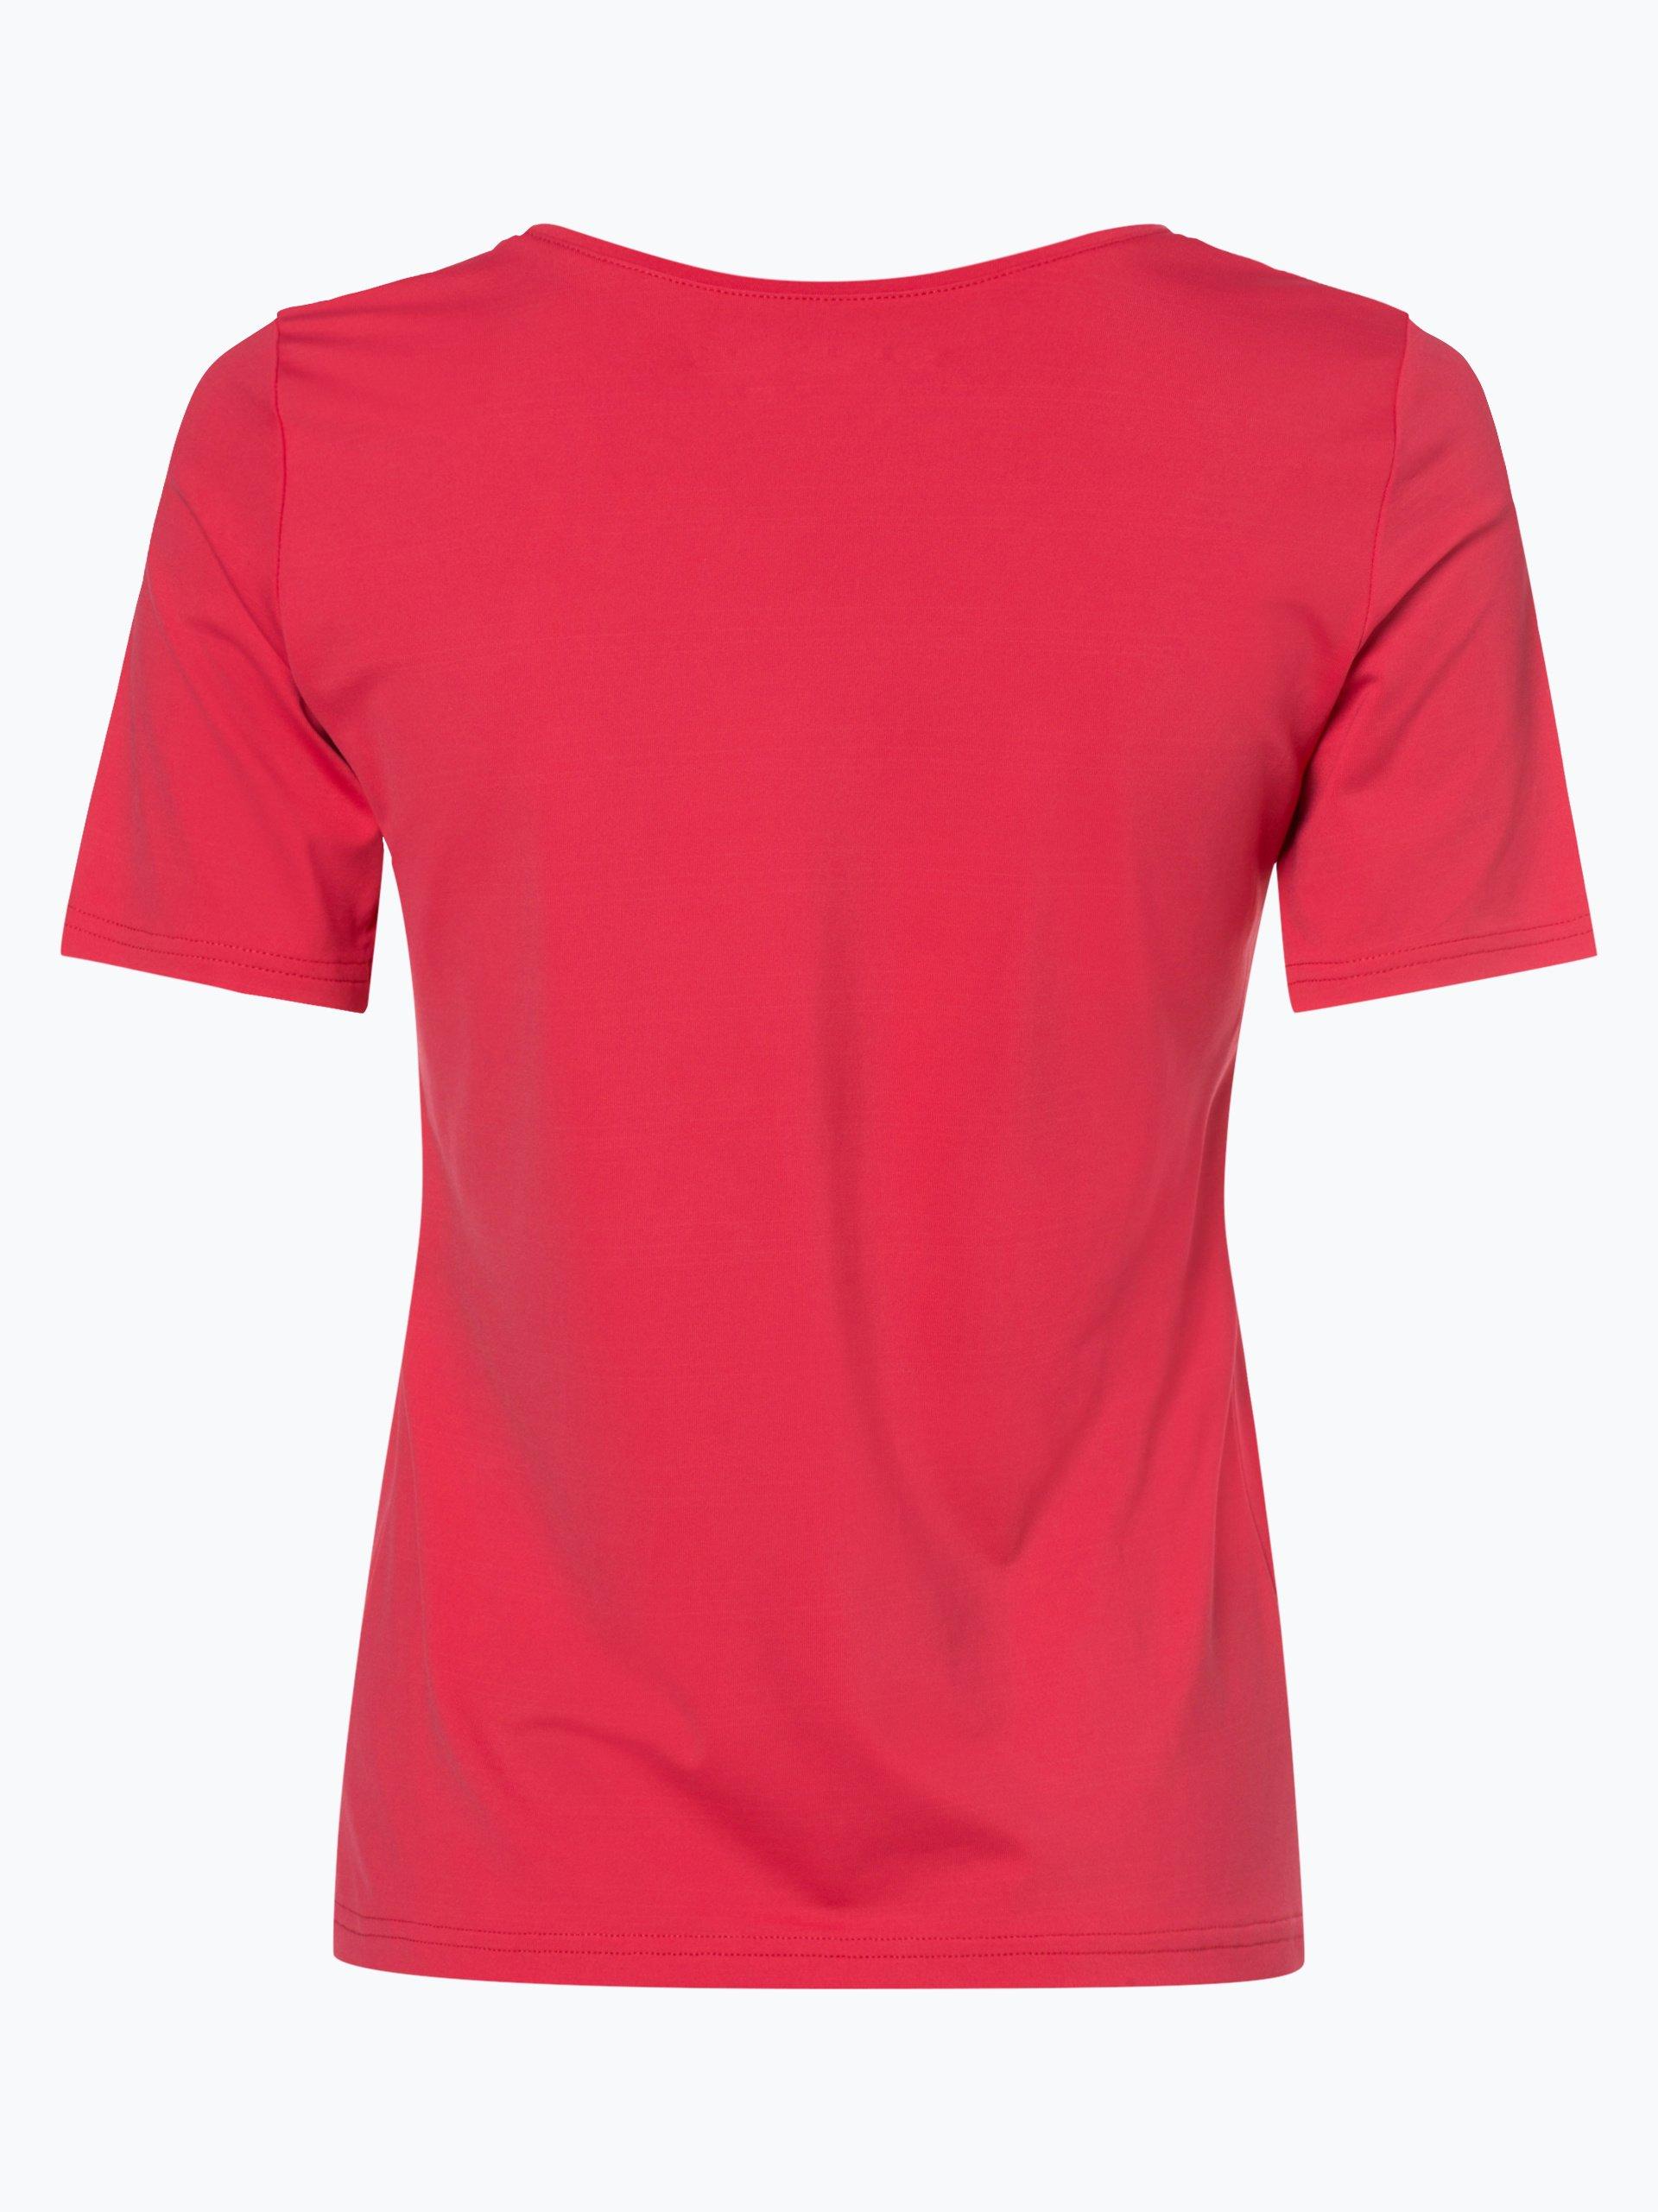 Apriori Damen T-Shirt